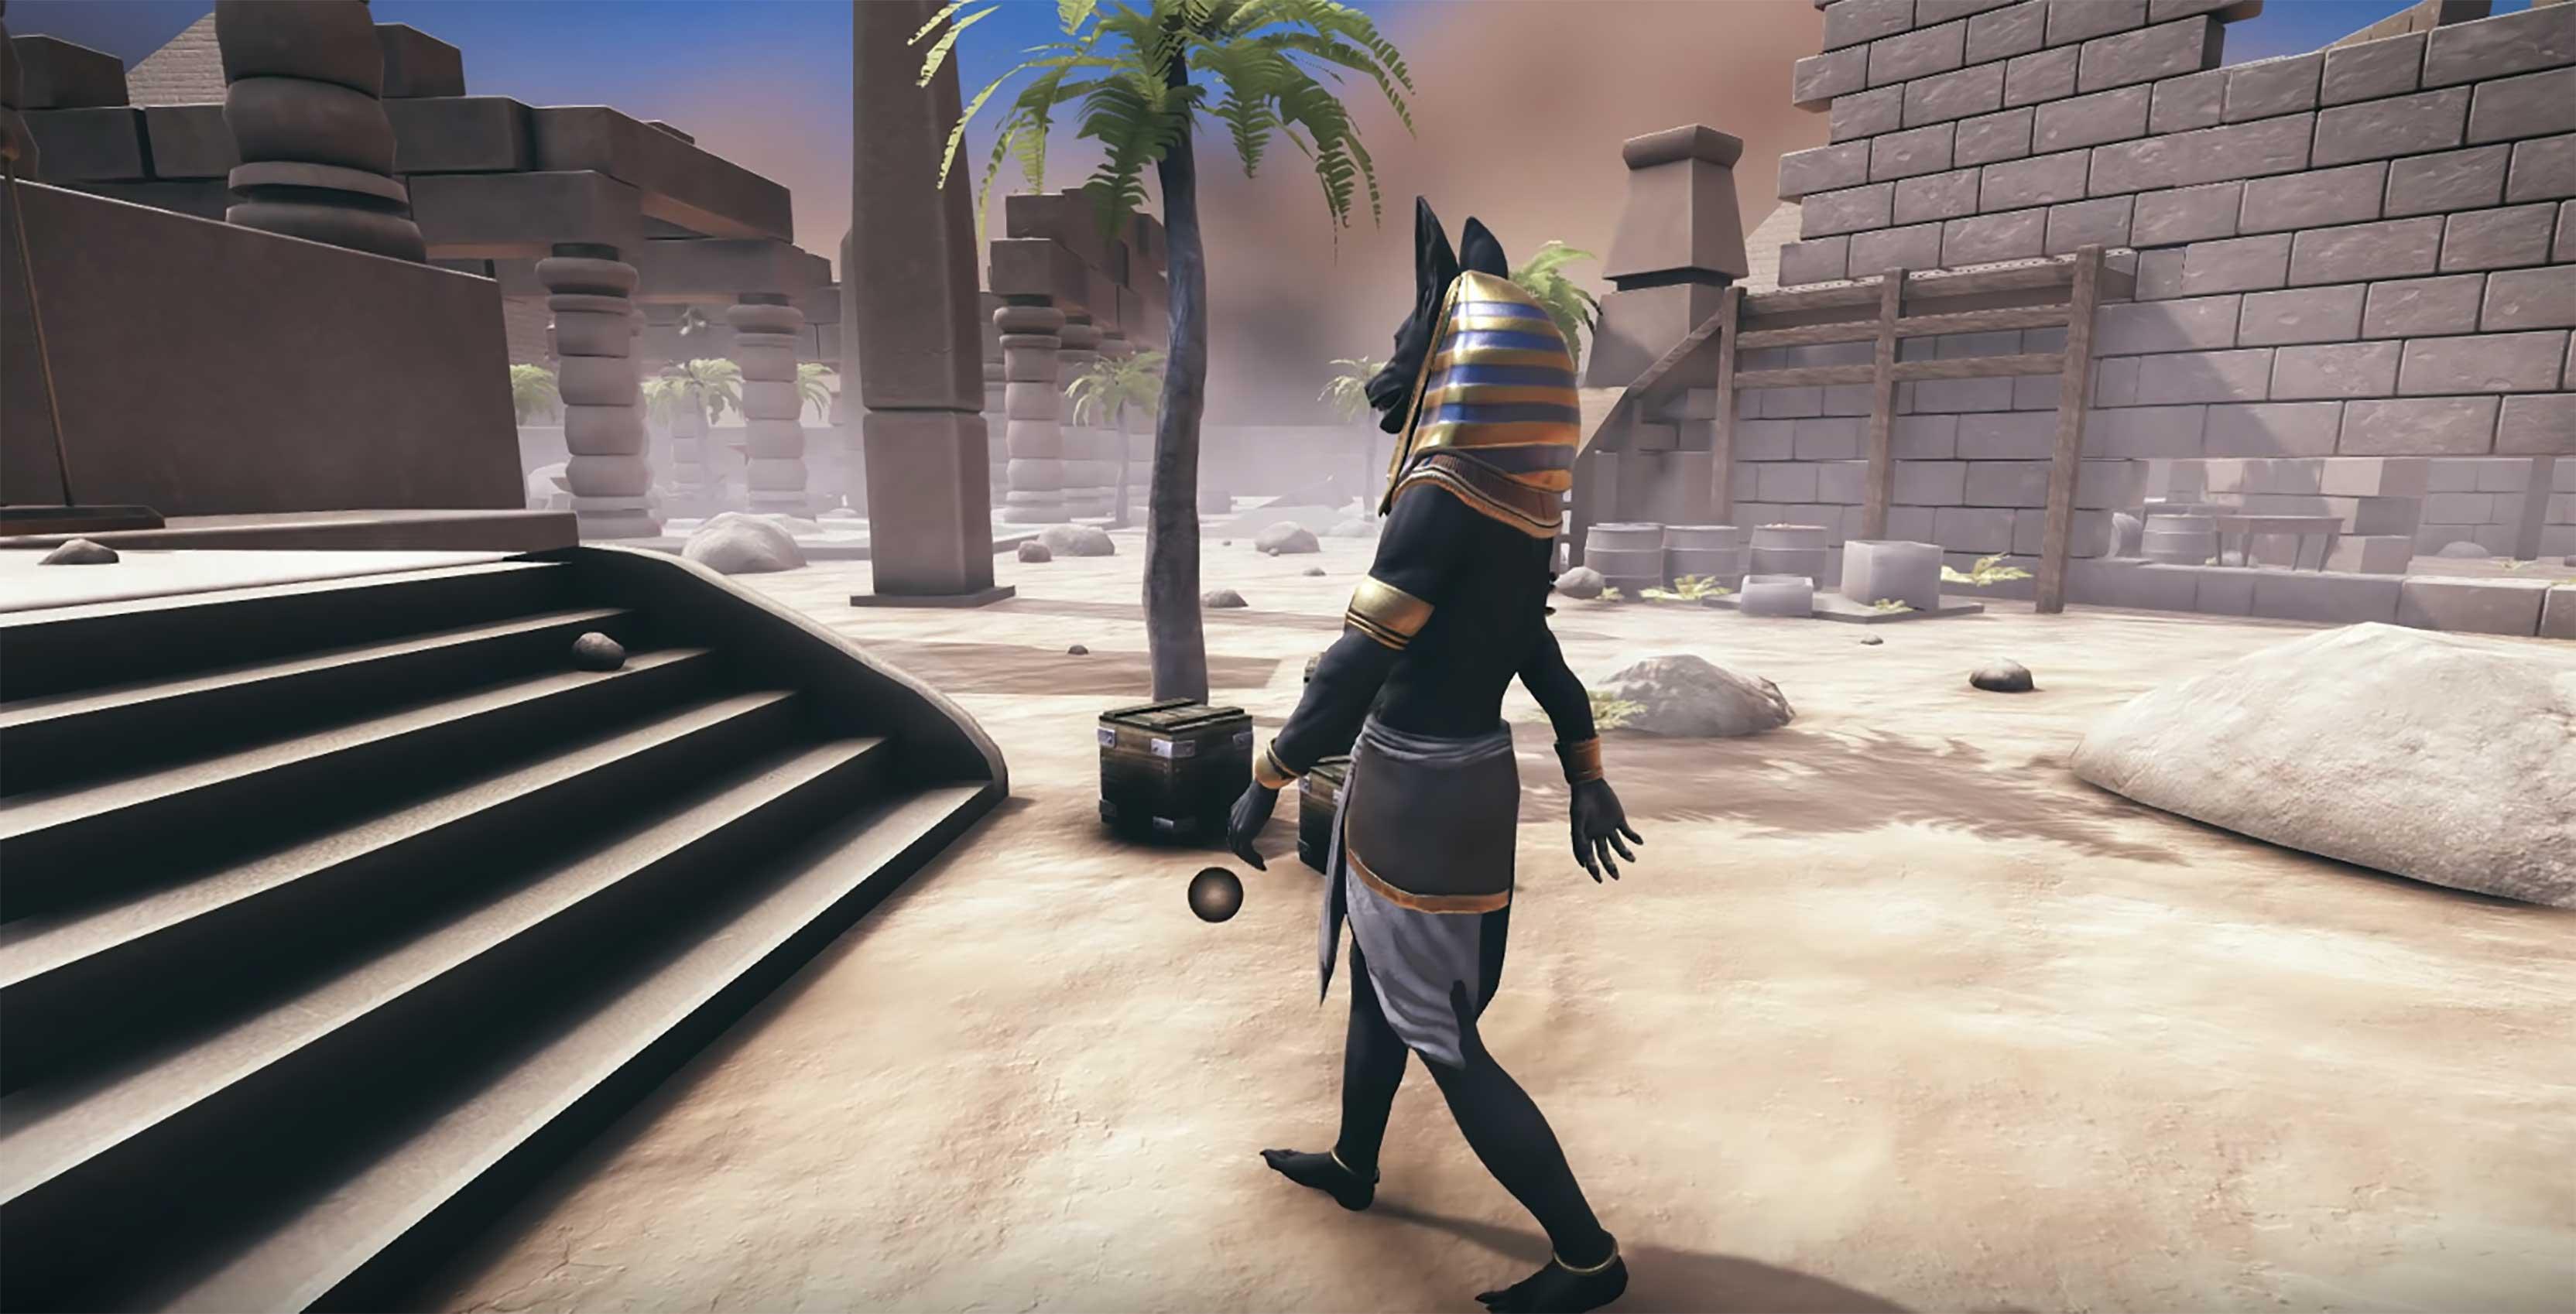 game animation walking